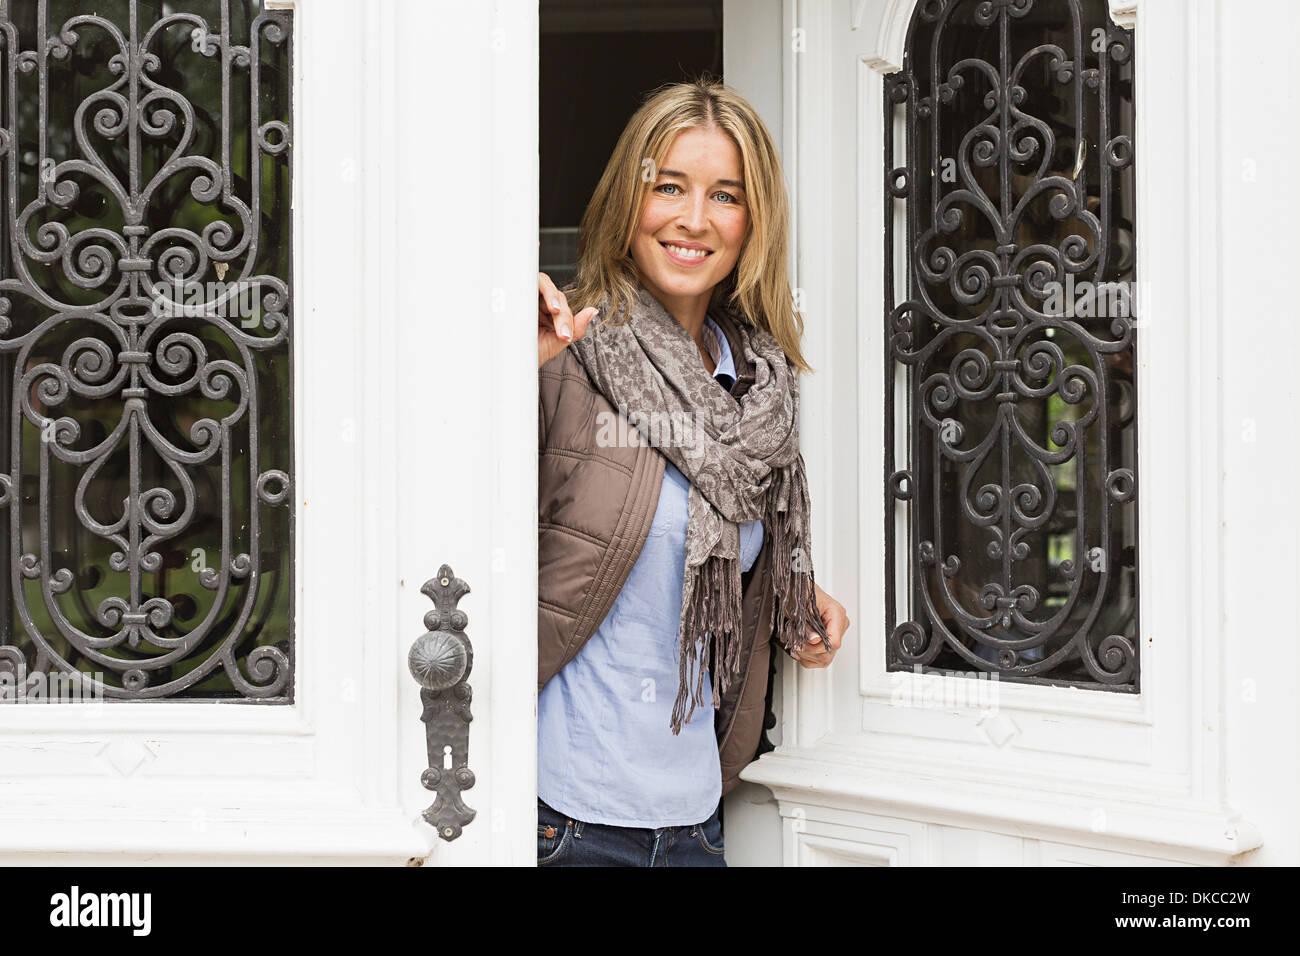 Mitte Erwachsene Frau vor Türöffnung Stockbild